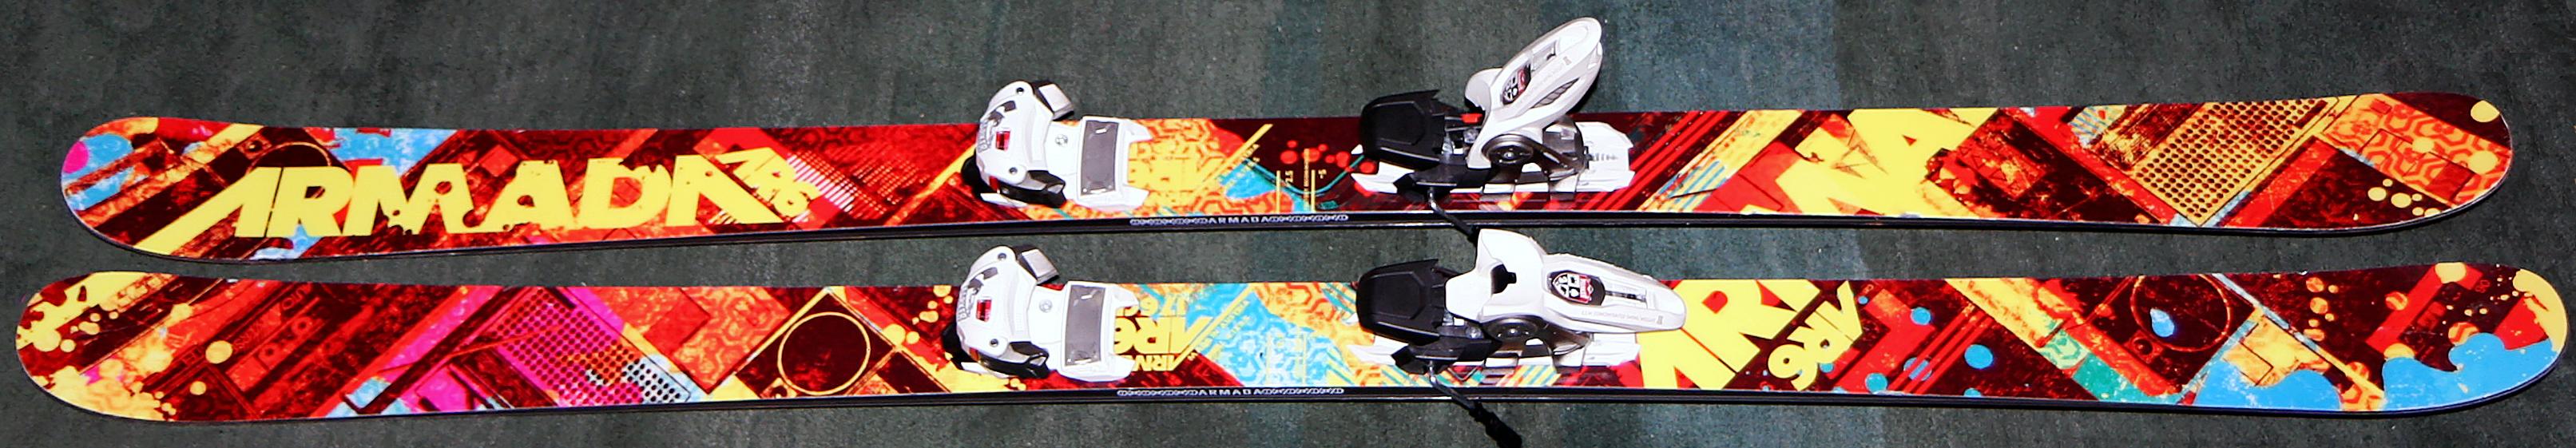 2010 armada ar6